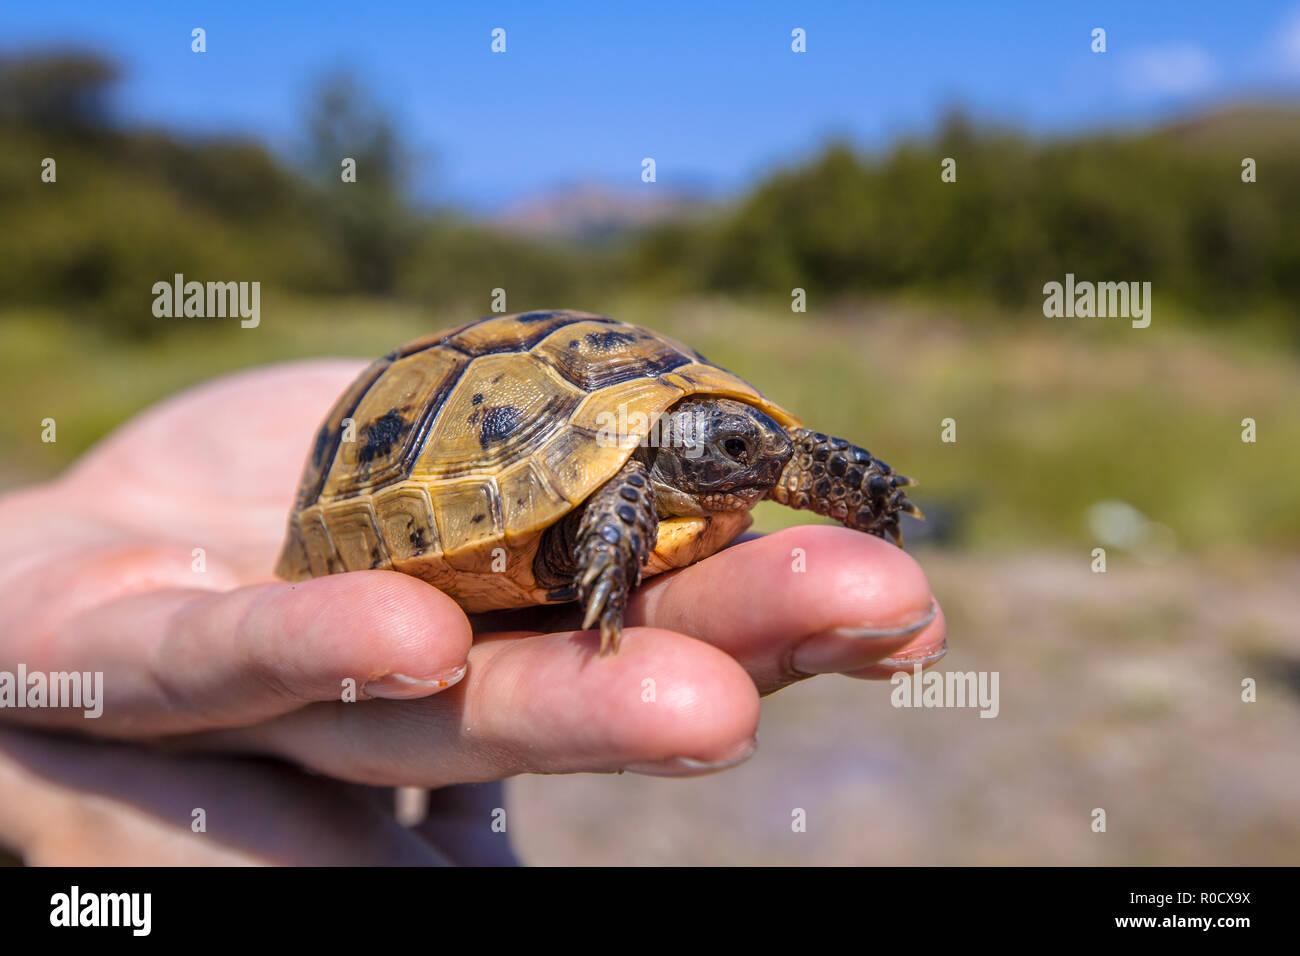 I capretti sperone-thighed tortoise o tartaruga greca (Testudo graeca) sollevato sulla mano di un ricercatore herpetologist Immagini Stock